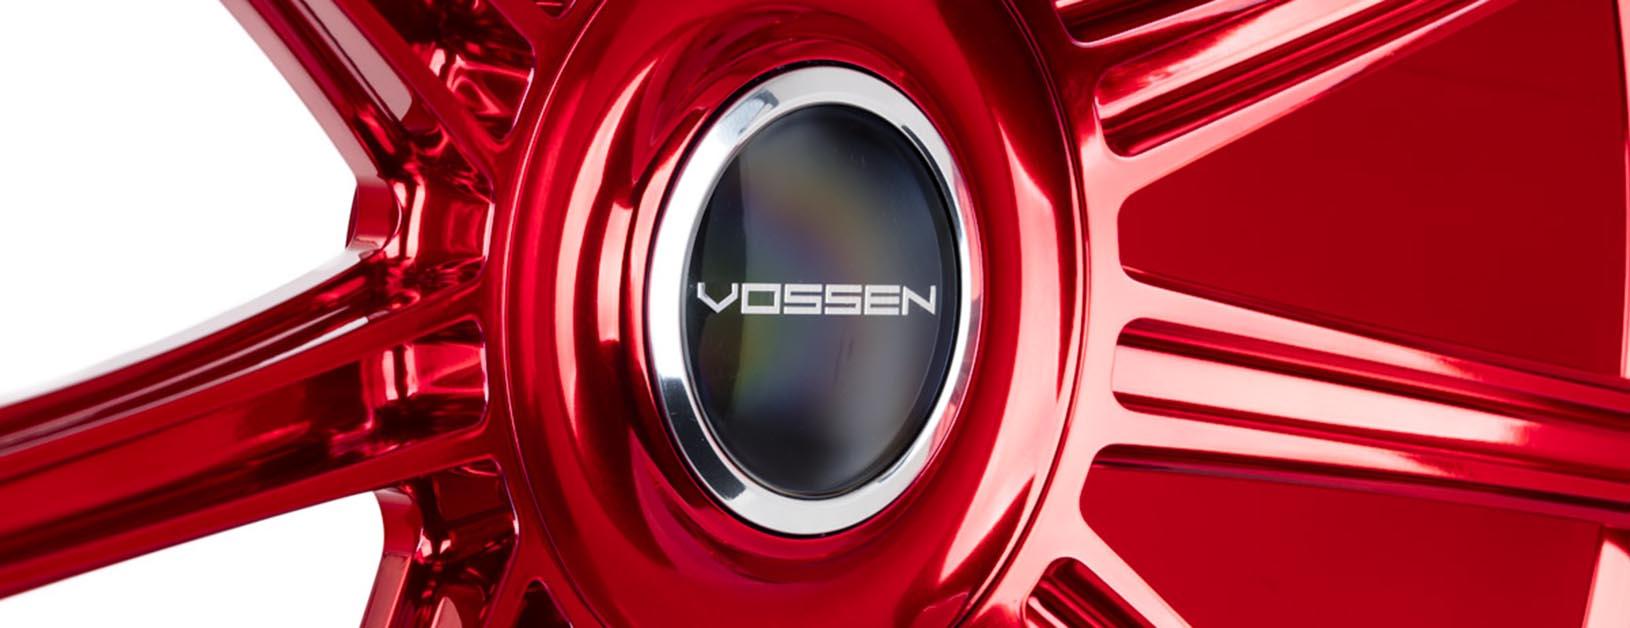 COMING-SOON-Vossen-Forged-S17-12-C18-Vossen-Red-Series-17-©-Vossen-Wheels-2019-1005